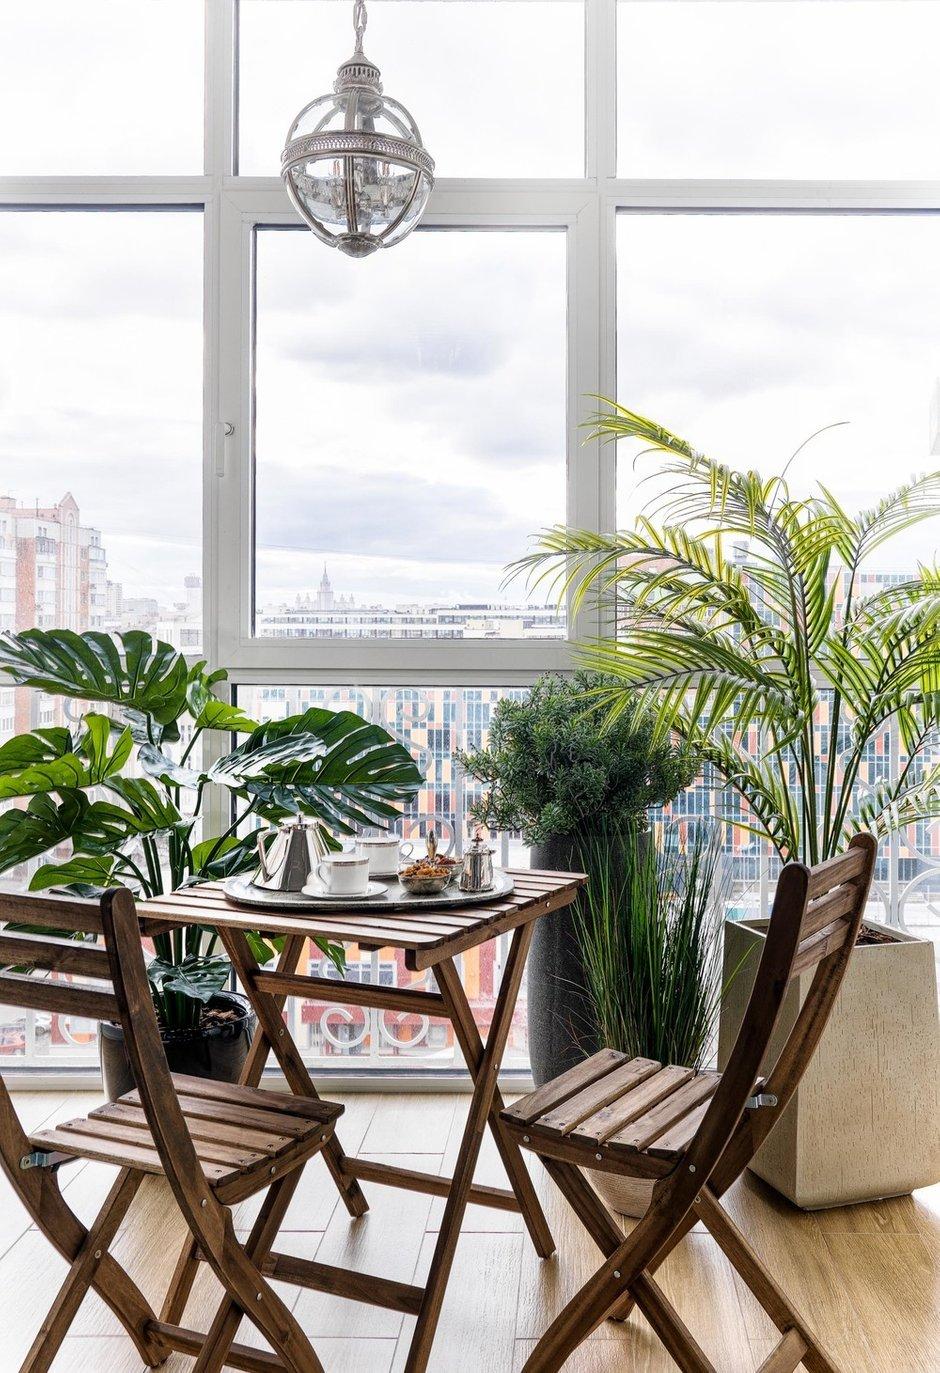 Фотография: Балкон в стиле Современный, Квартира, Проект недели, Москва, Монолитный дом, 3 комнаты, Более 90 метров, #эксклюзивныепроекты, Наталья Высоцкая – фото на INMYROOM